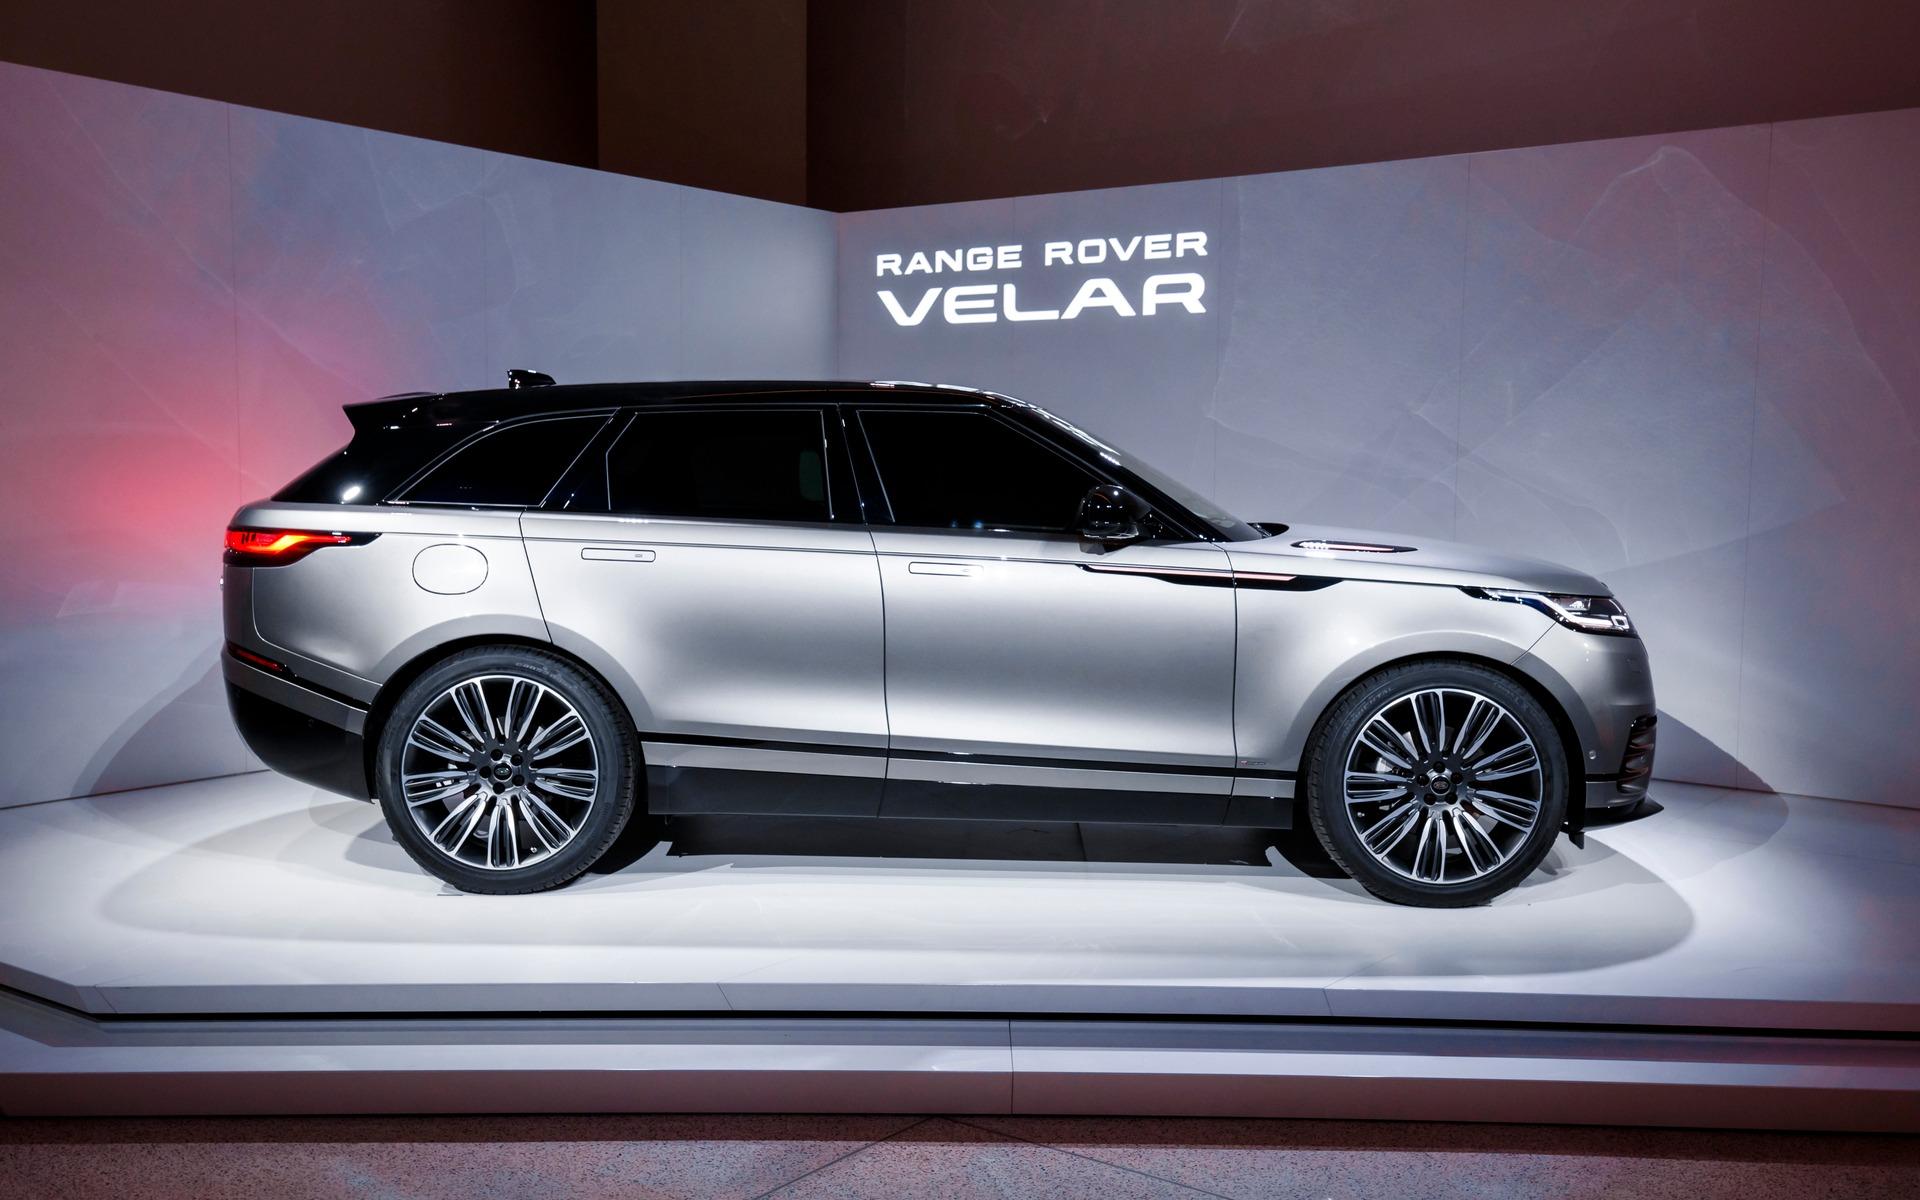 Le nouveau Range Rover Velar